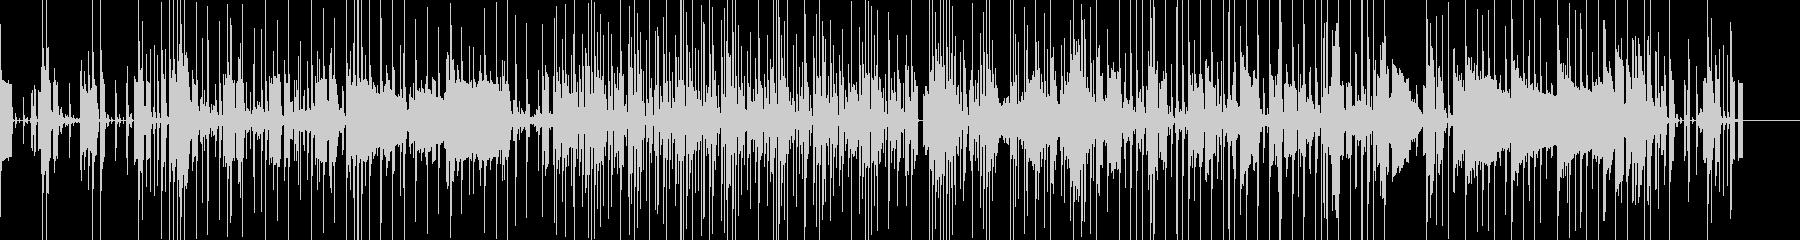 湾岸通りのフォトグラフ、落ち着いたムードの未再生の波形